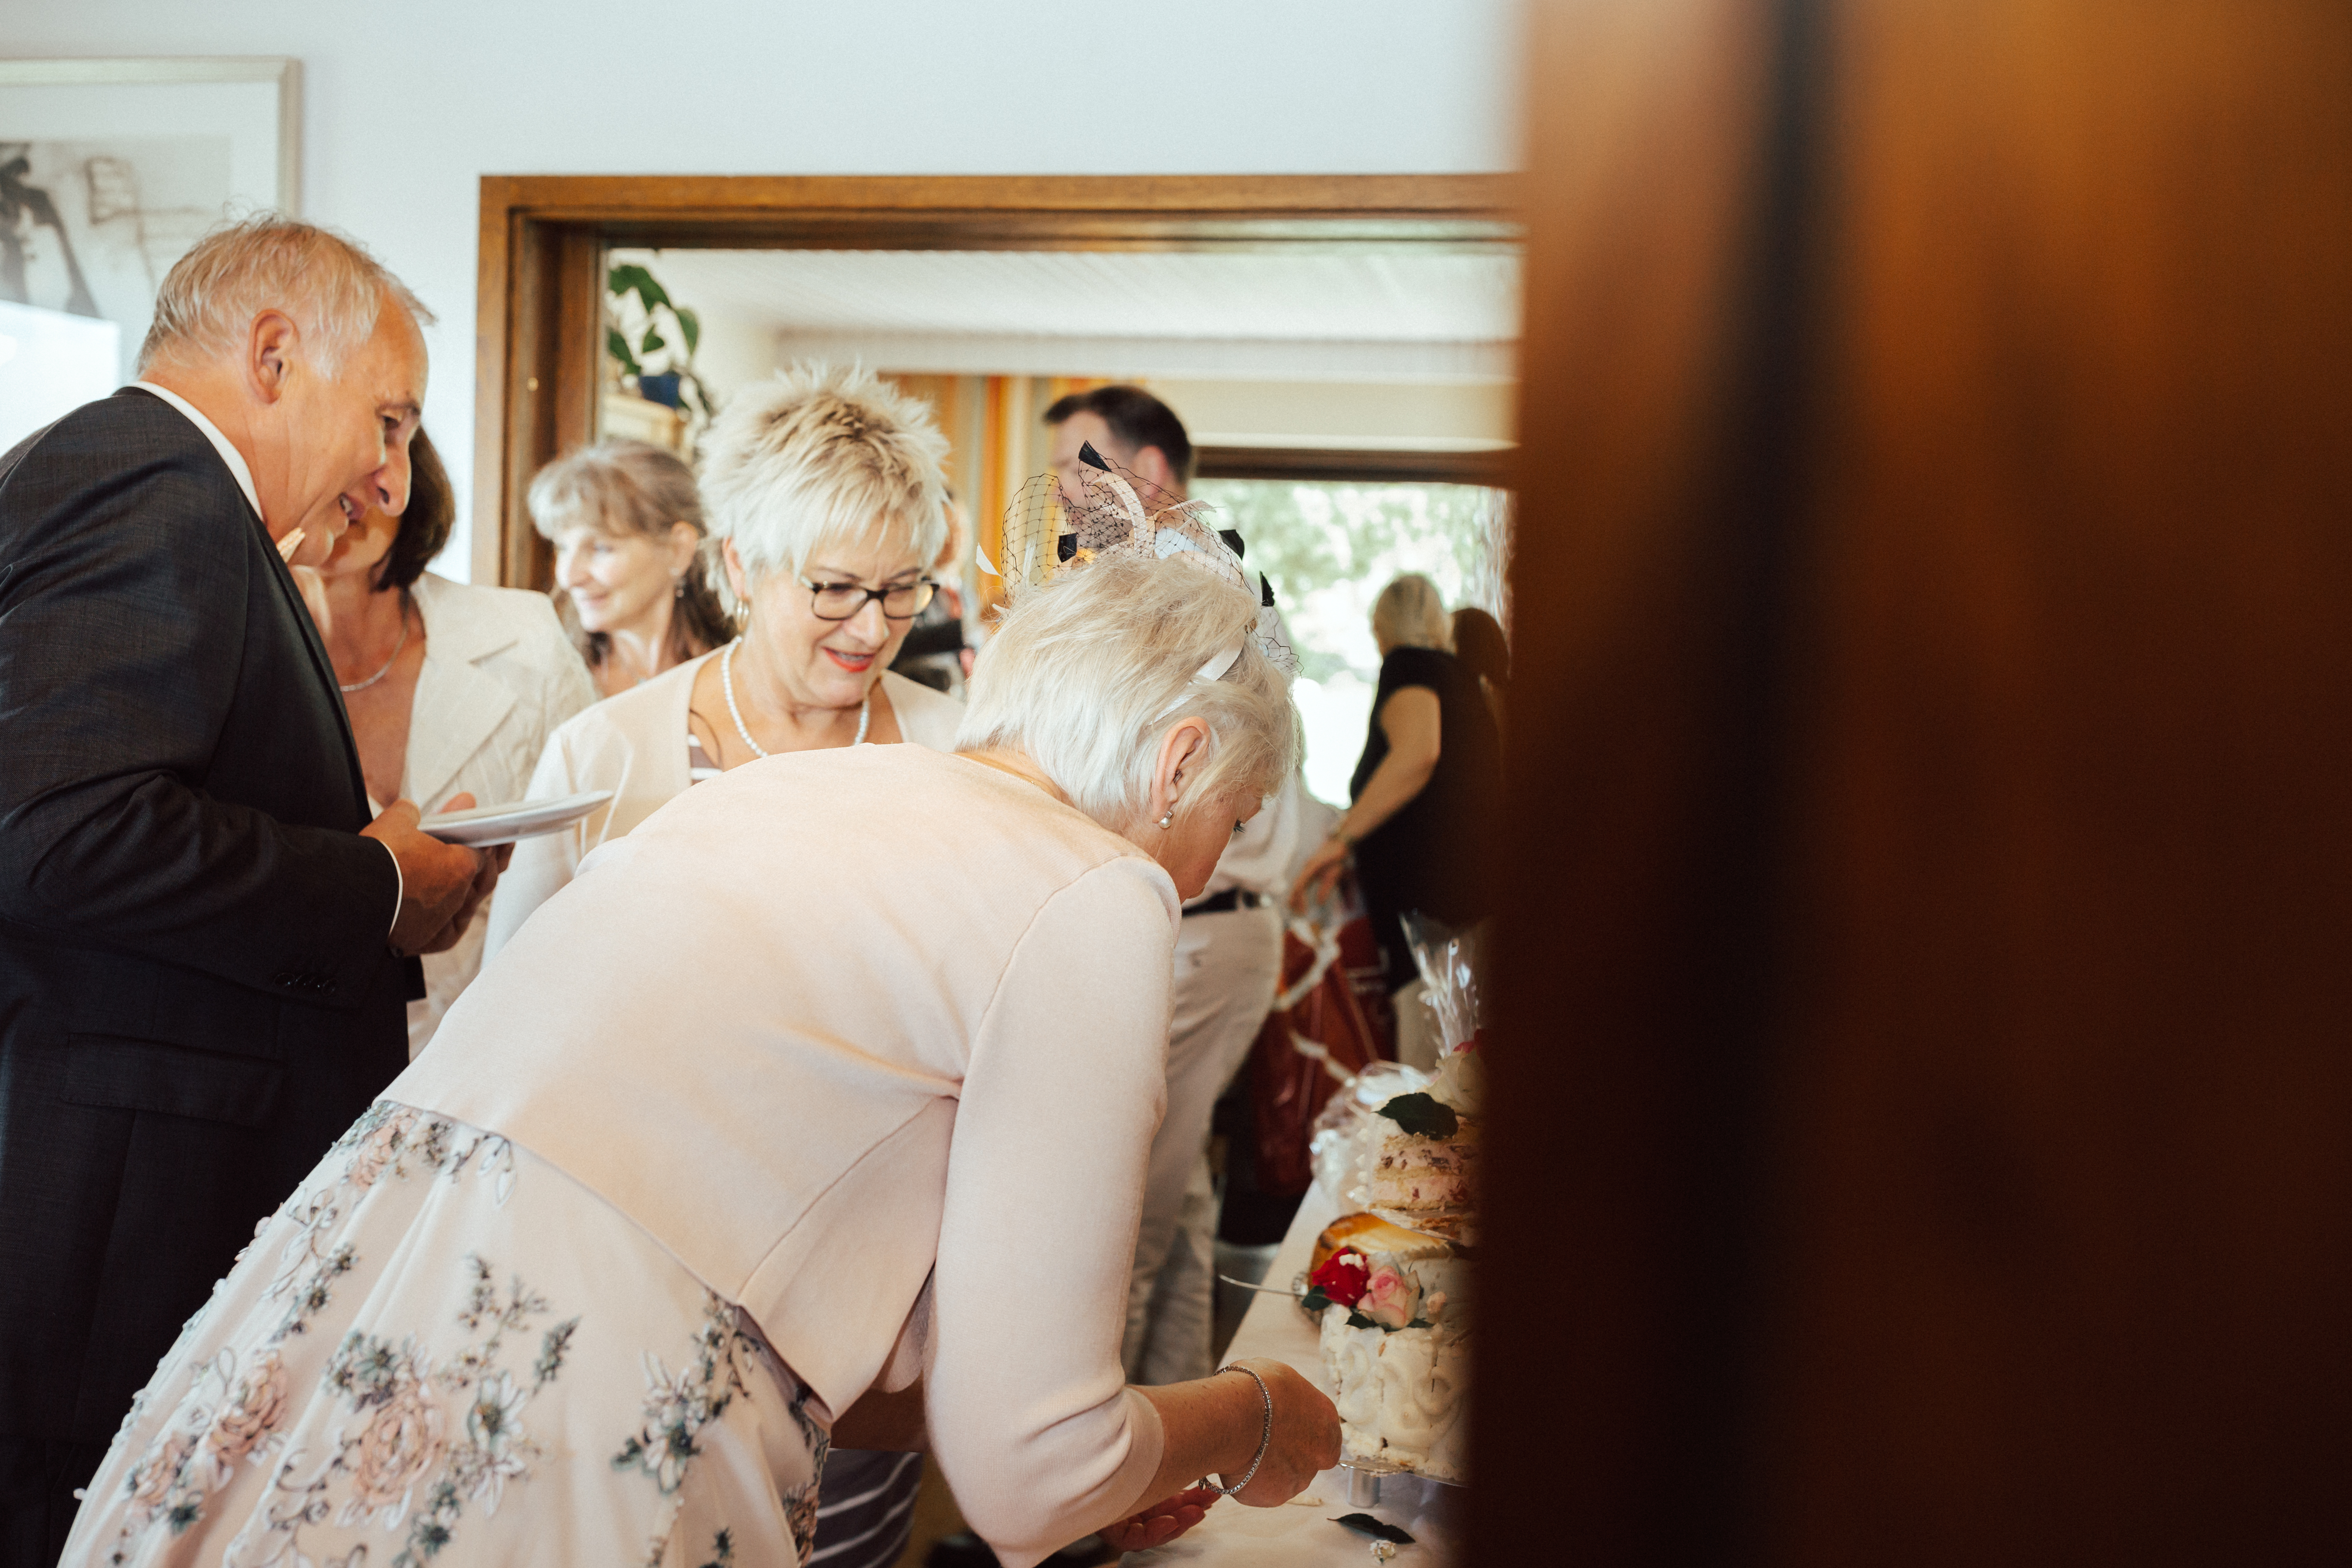 URBANERIE_Hochzeitsfotografin_Nürnberg_Fürth_Erlangen_Schwabach_170513_4120412412